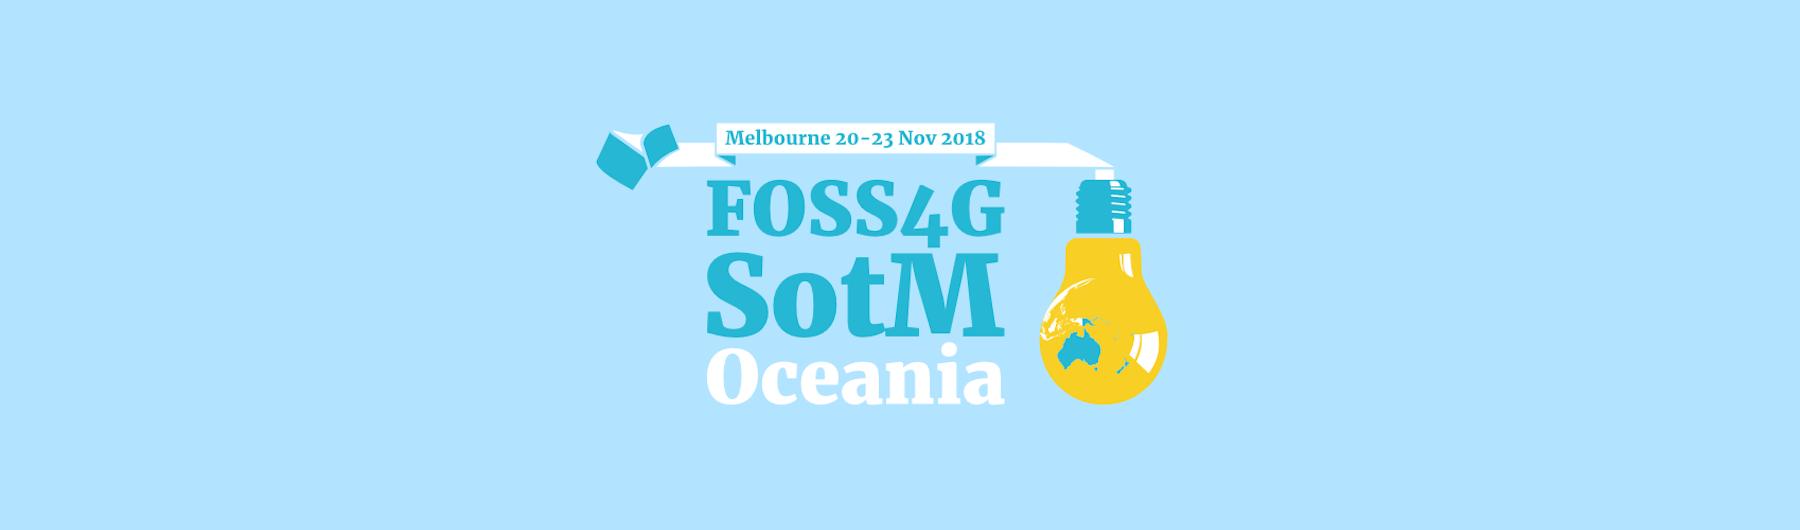 FOSS4G SotM Oceania 2018 - Women in Geospatial Breakfast